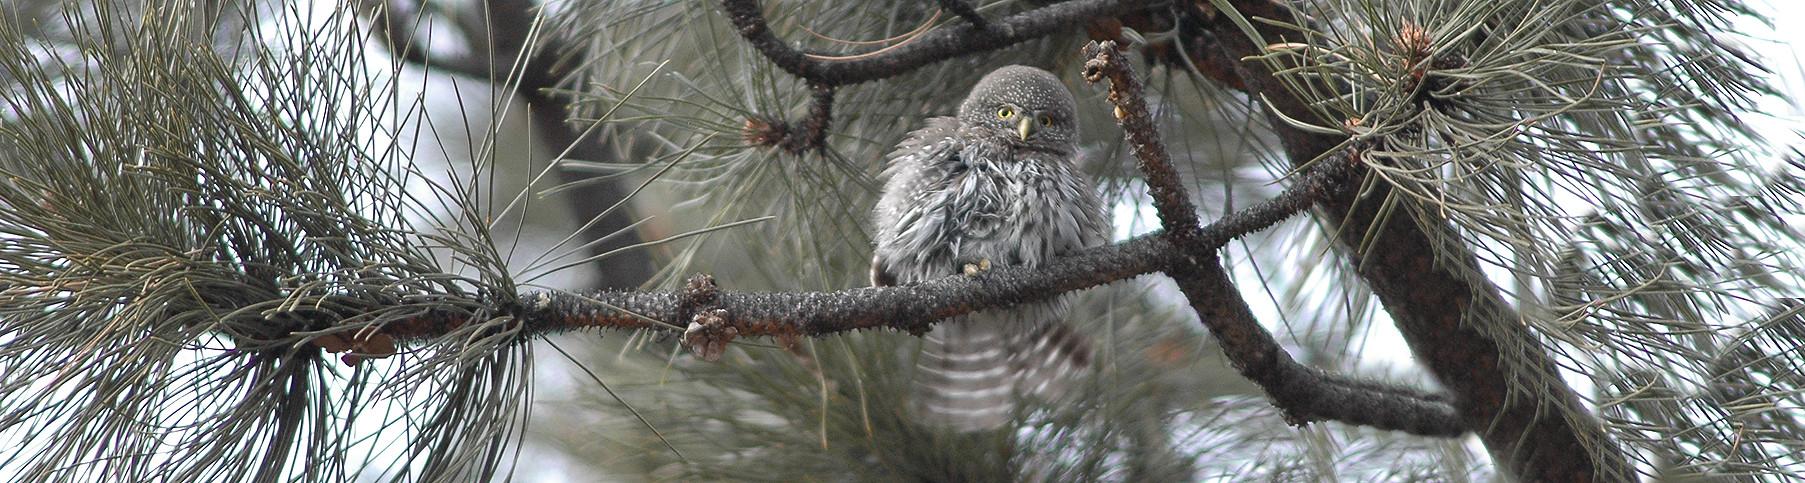 Pygmy owl D. Coe